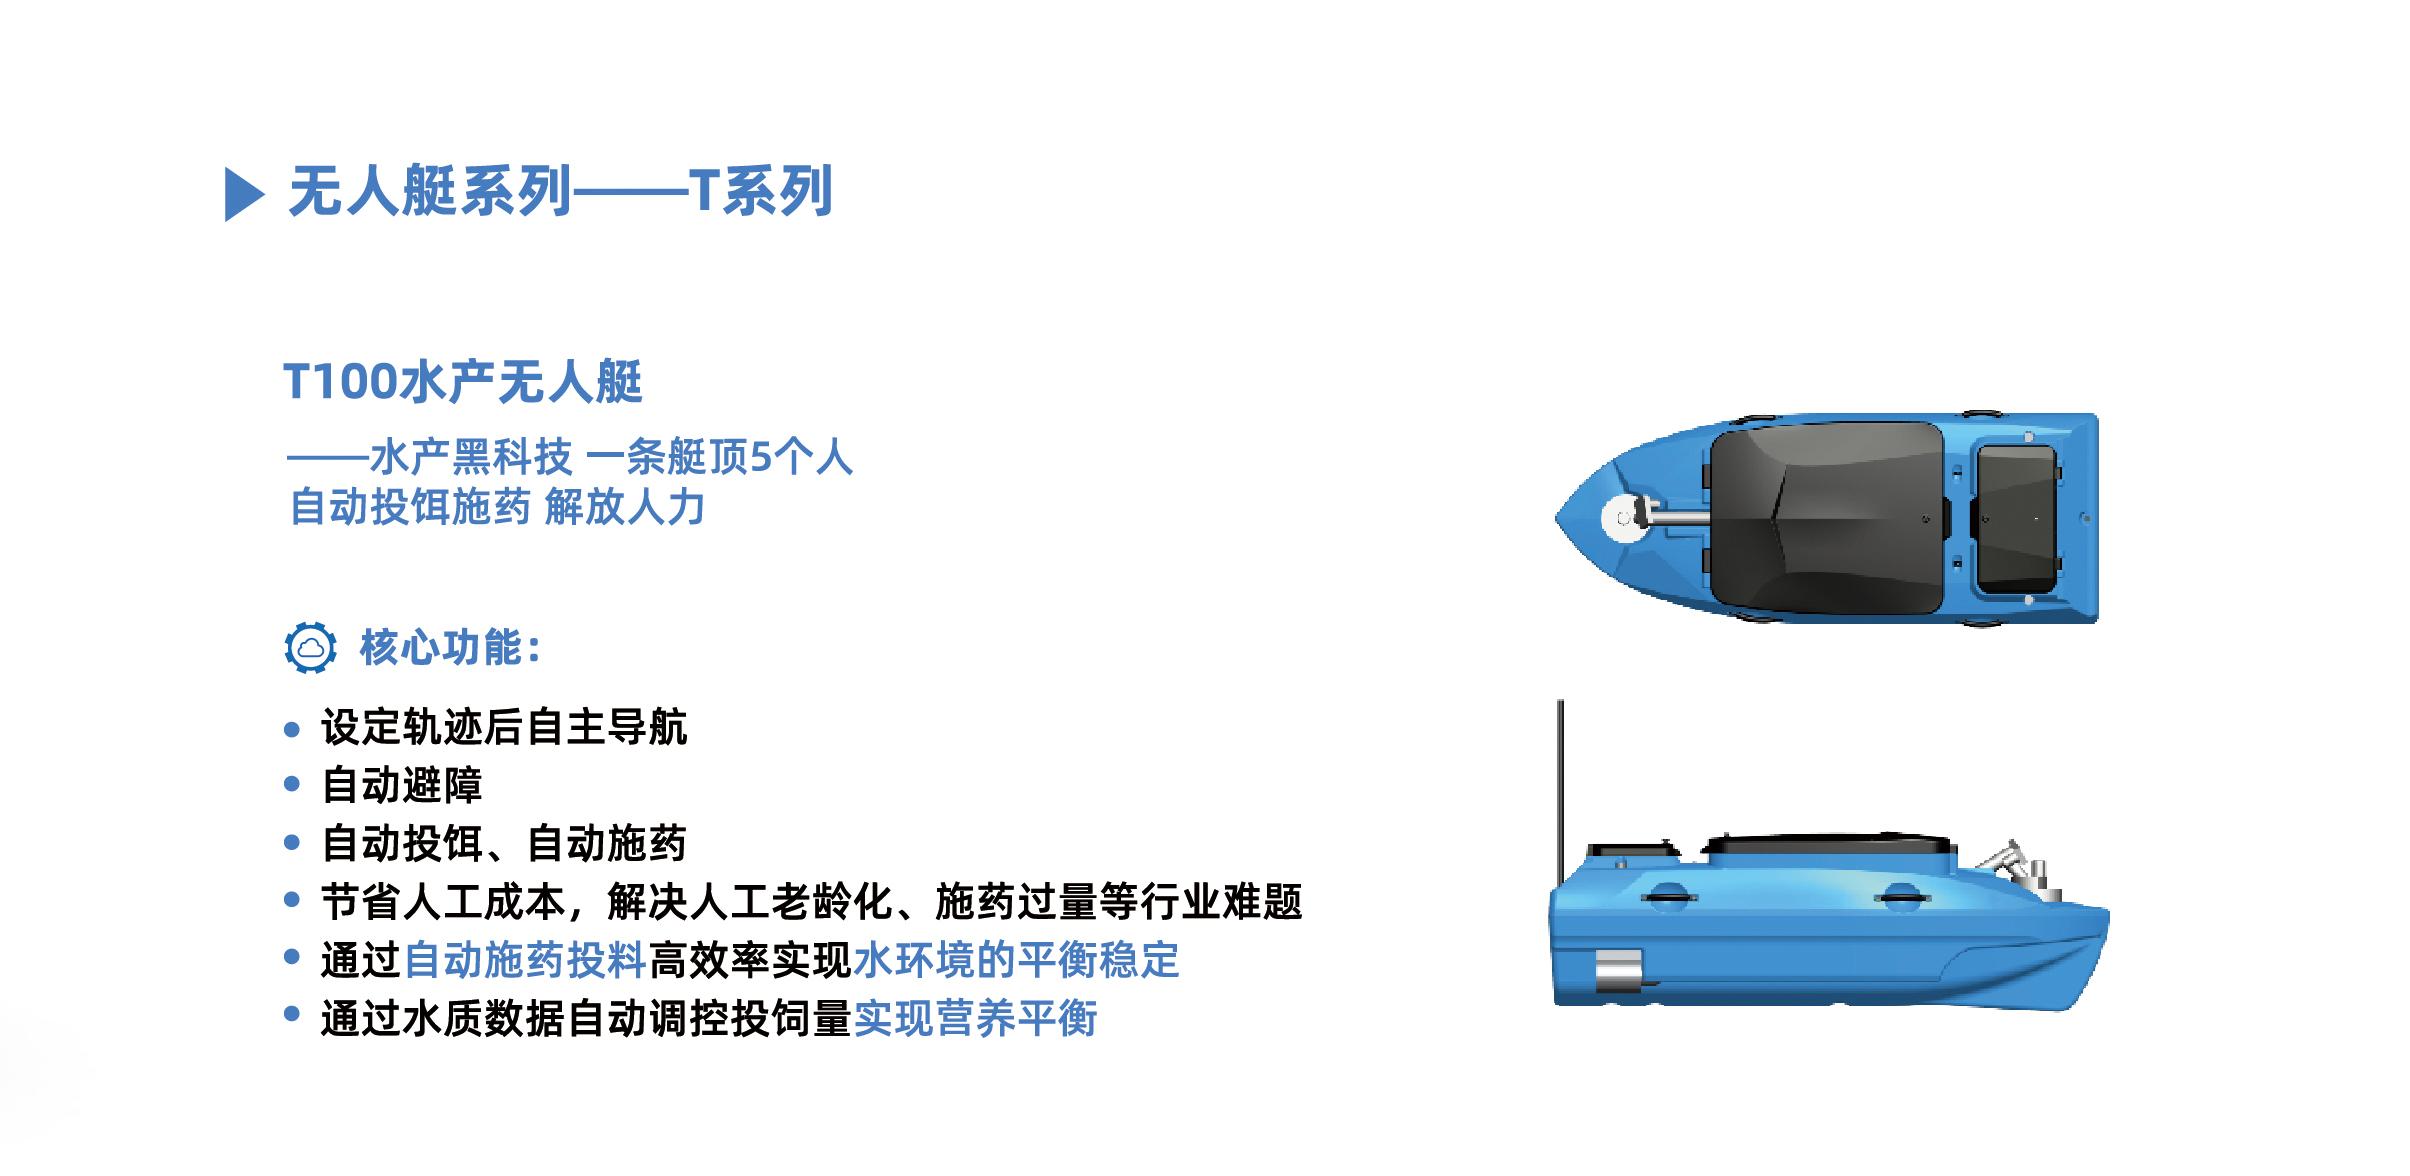 T100水产无人艇